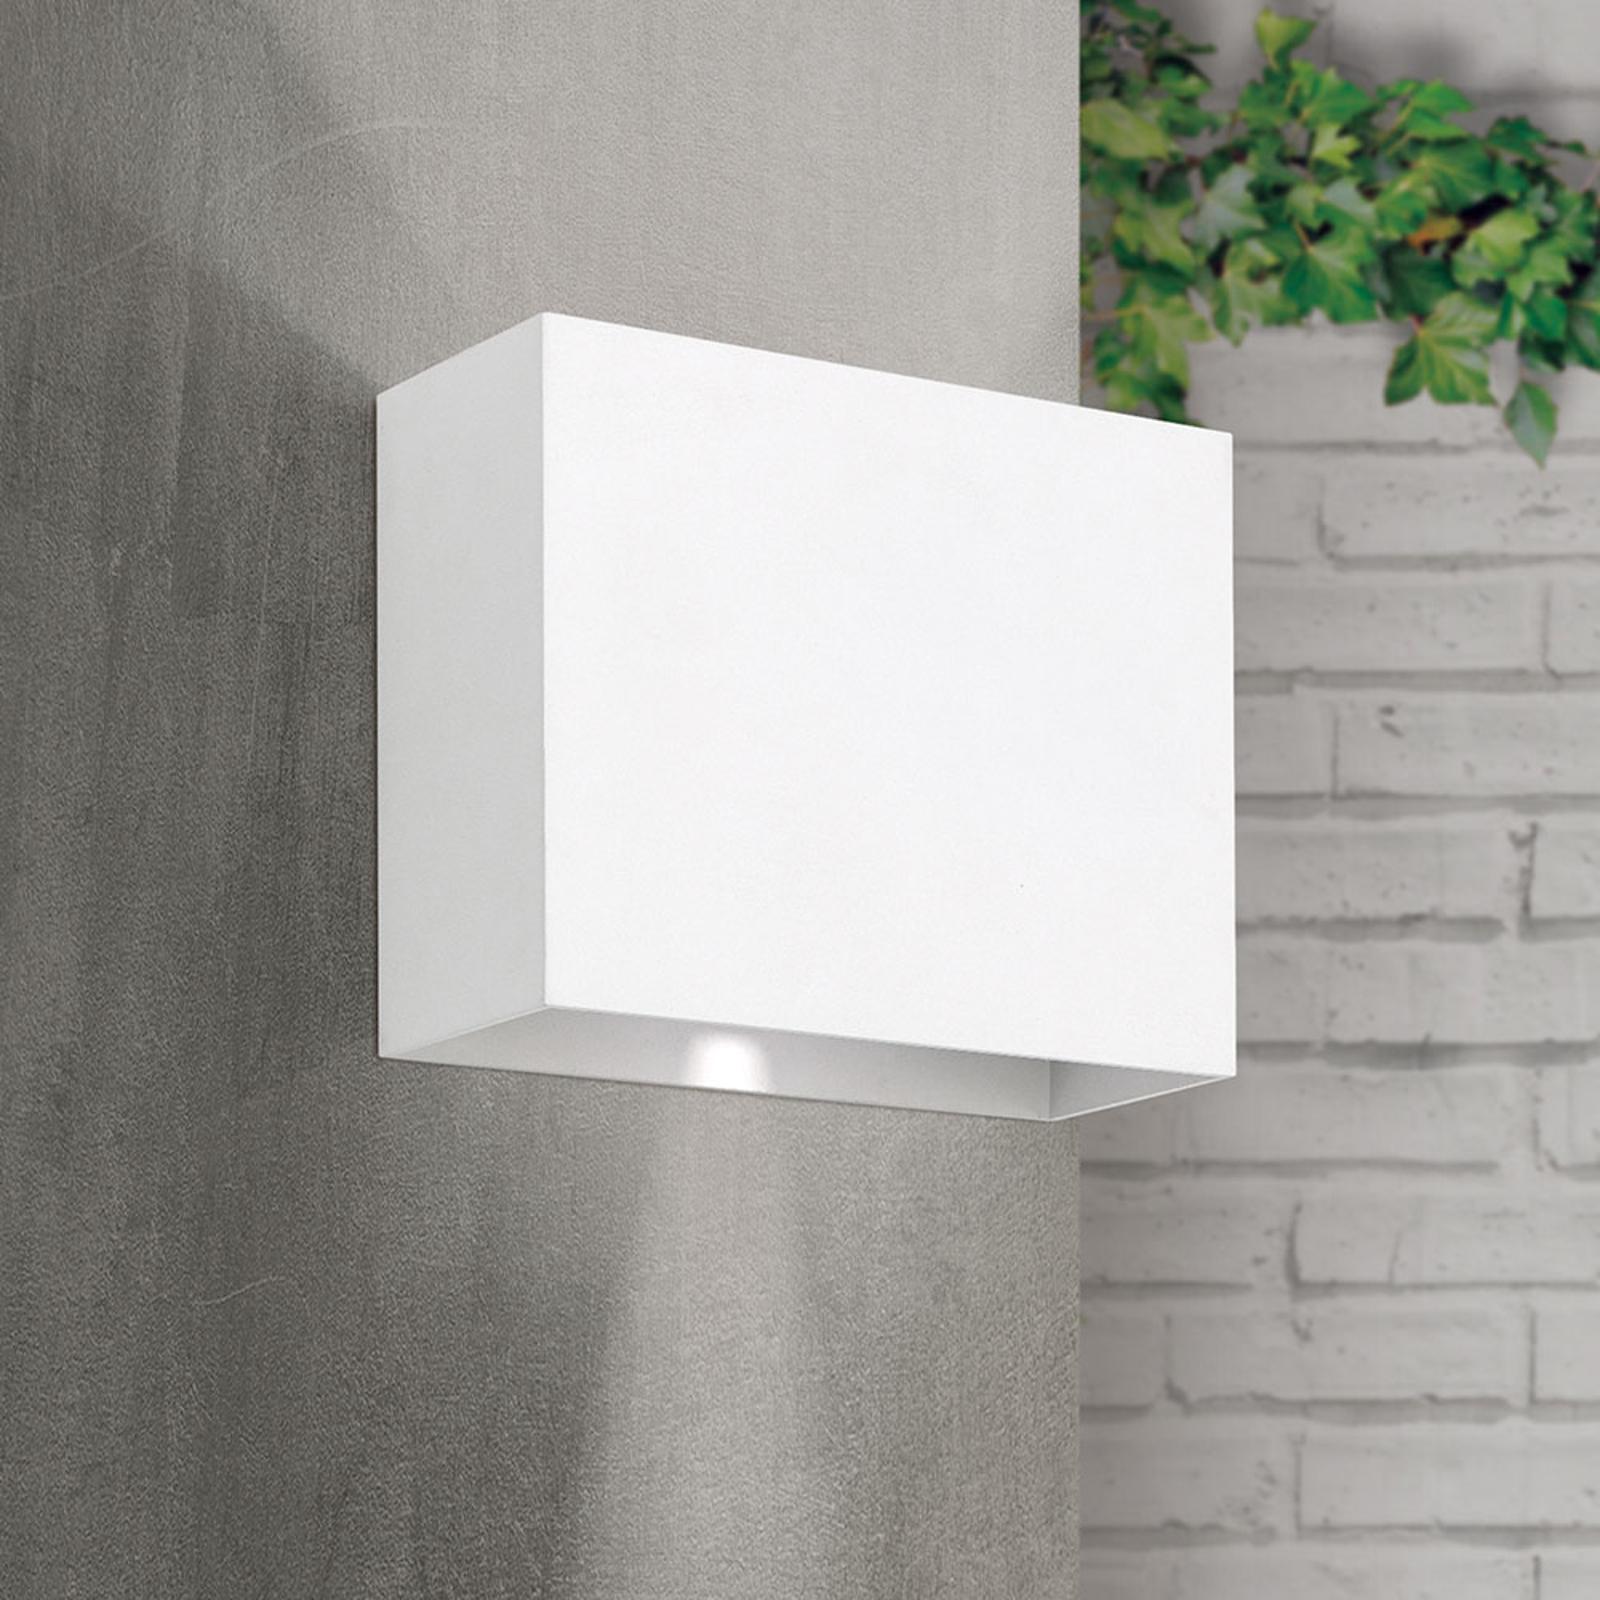 LED-Außenwandleuchte Akzent, weiß